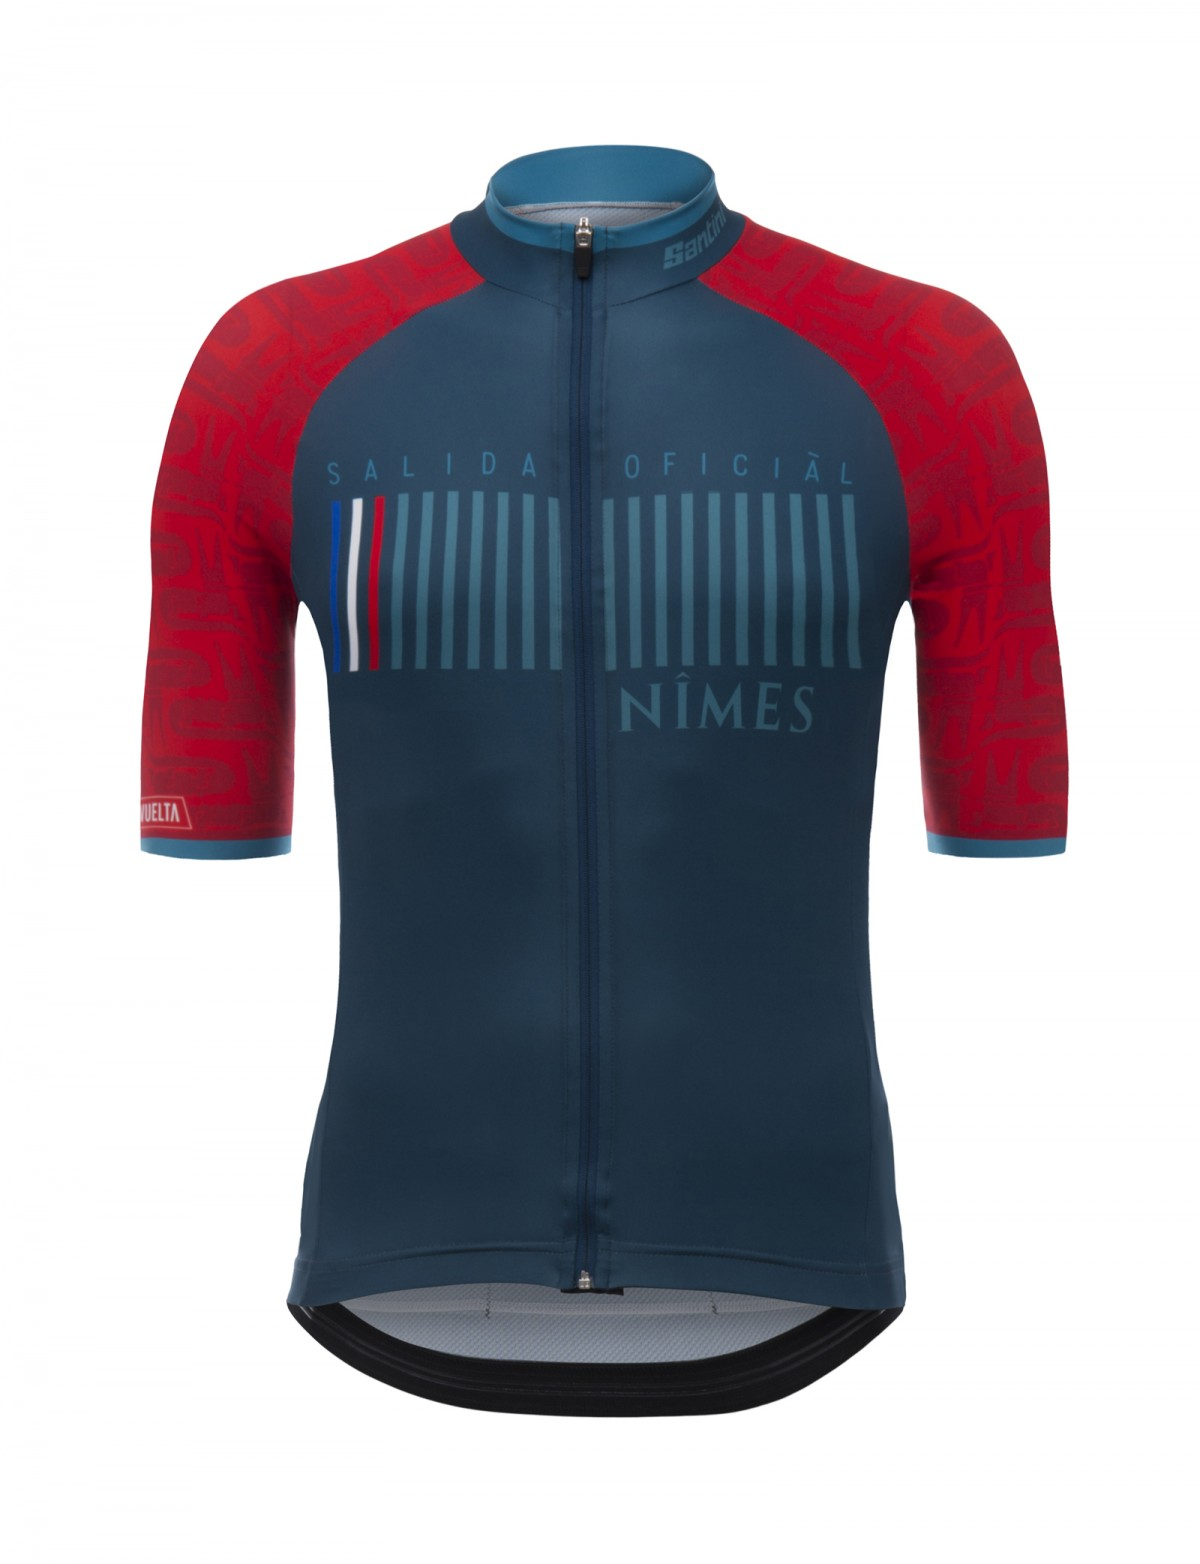 Vuelta maglia nimes